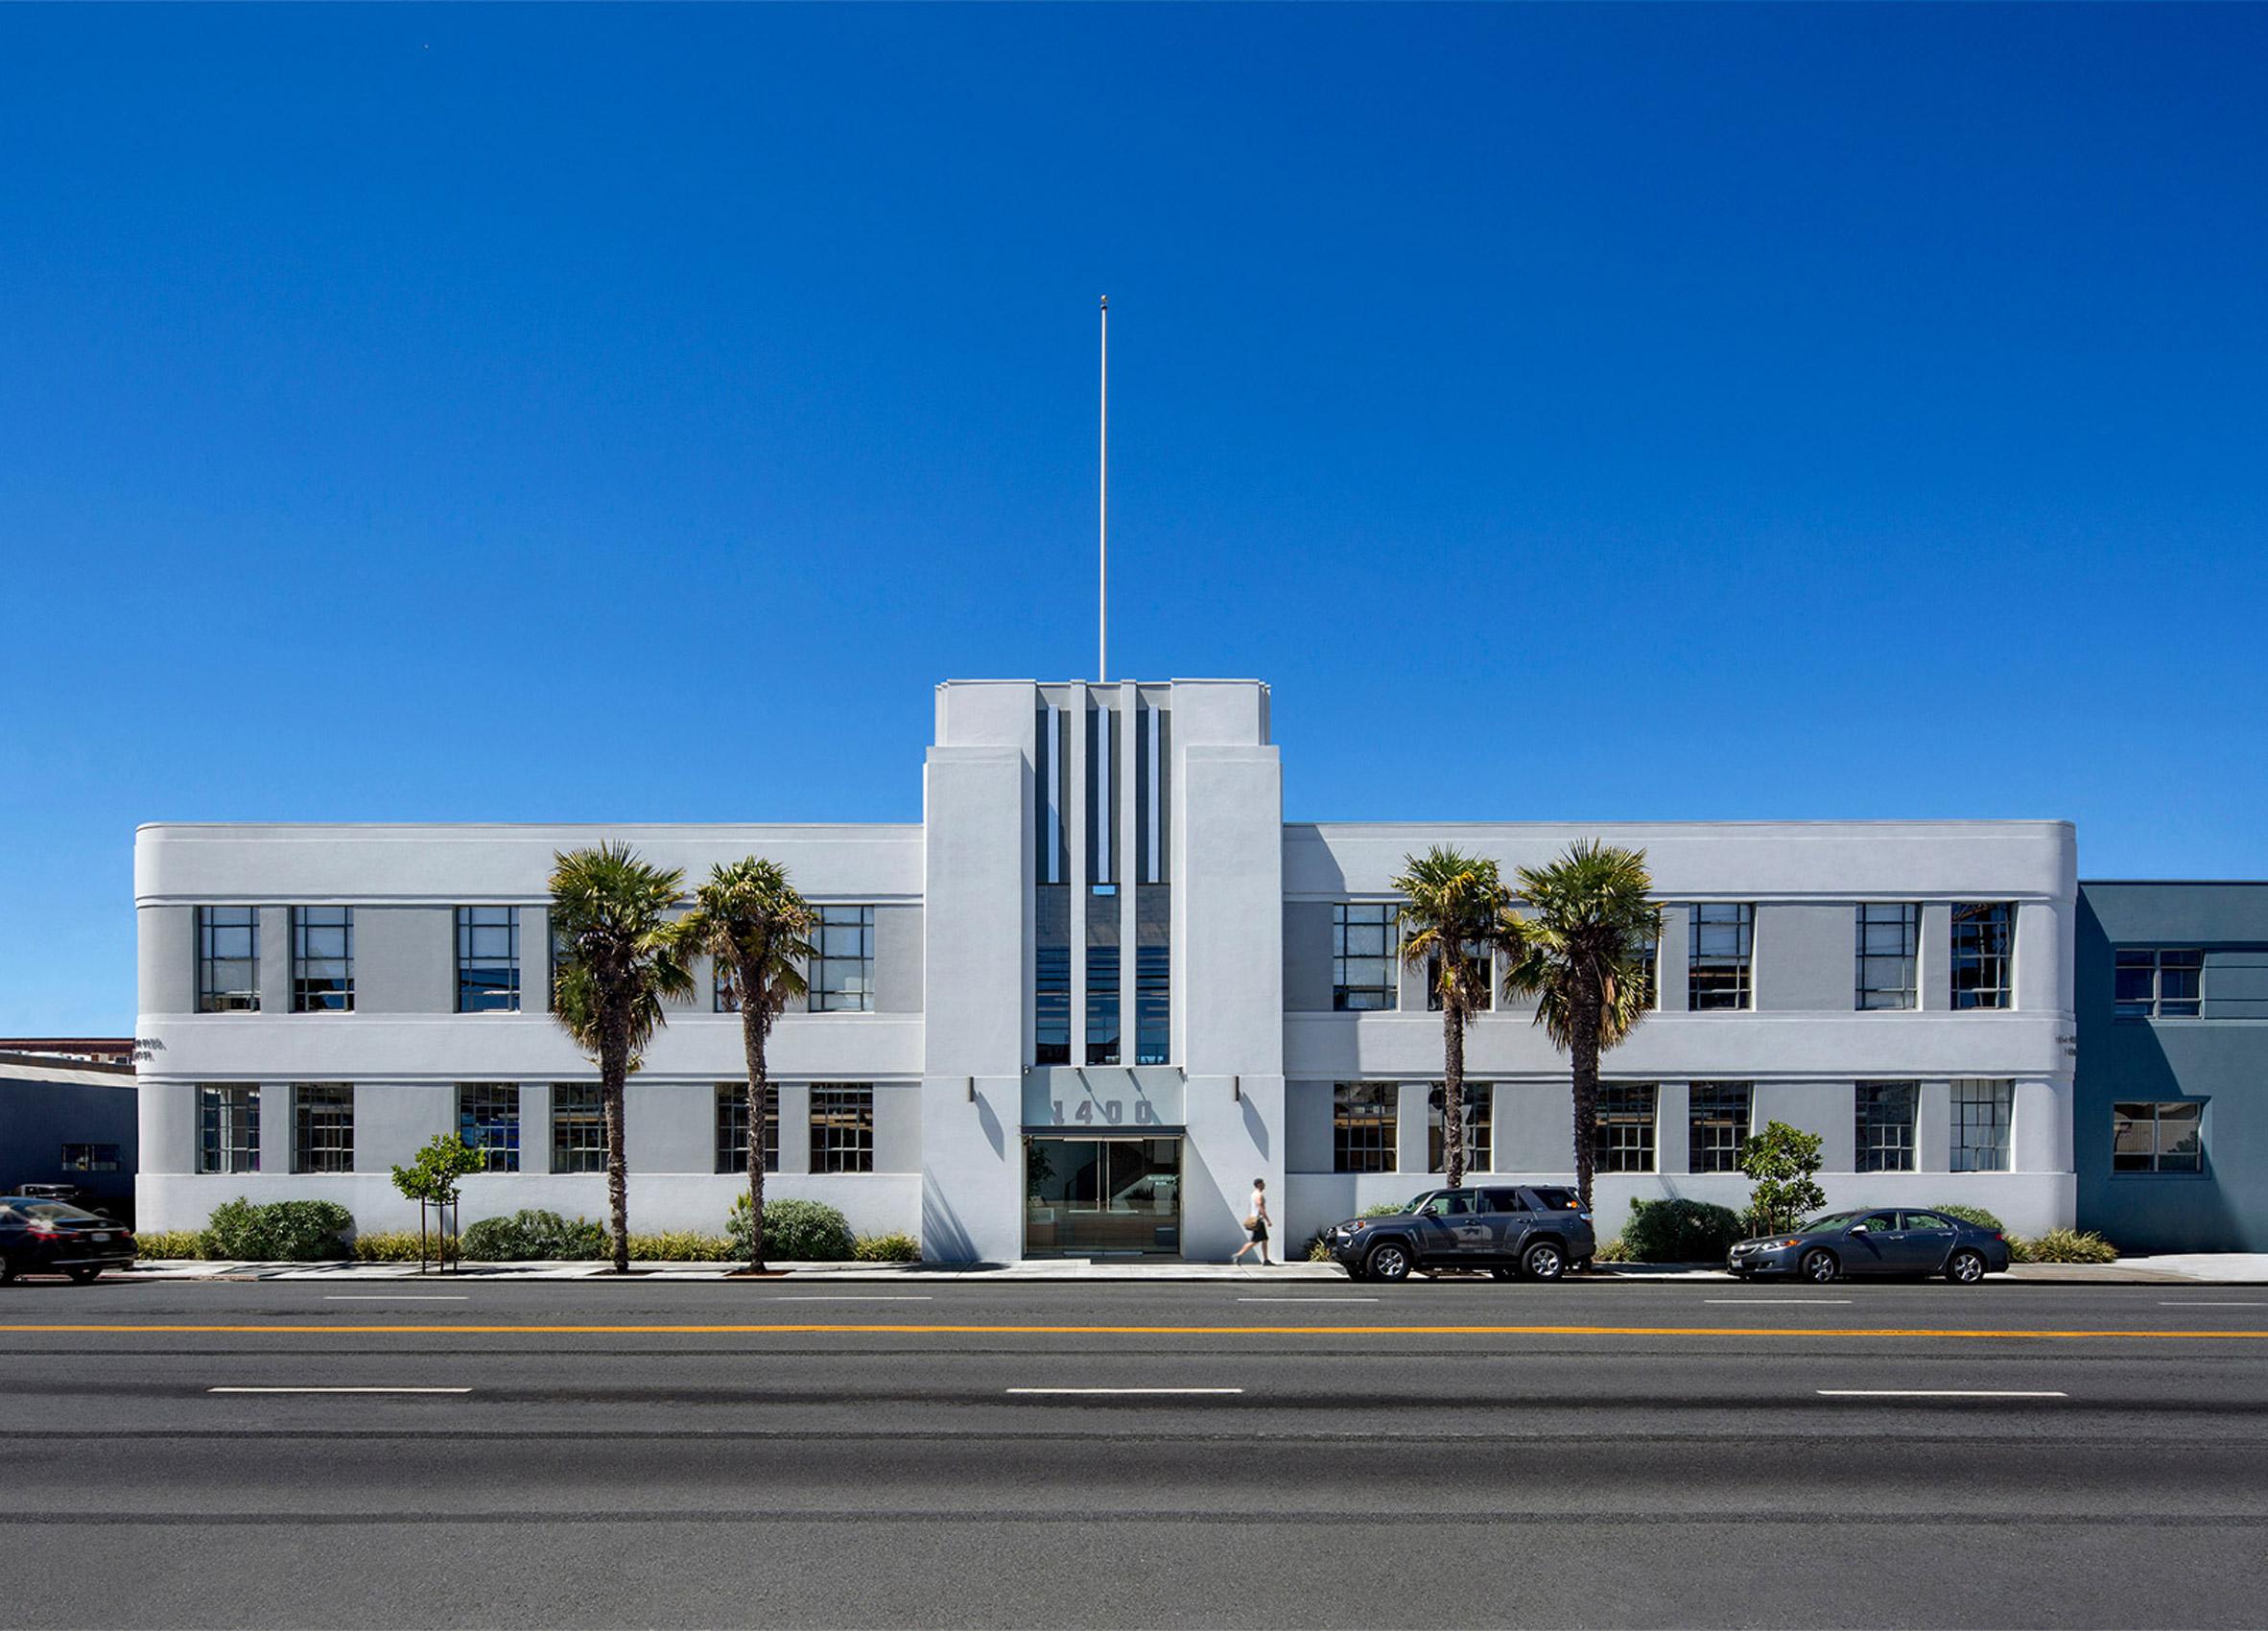 McClintock Building by Pfau Long